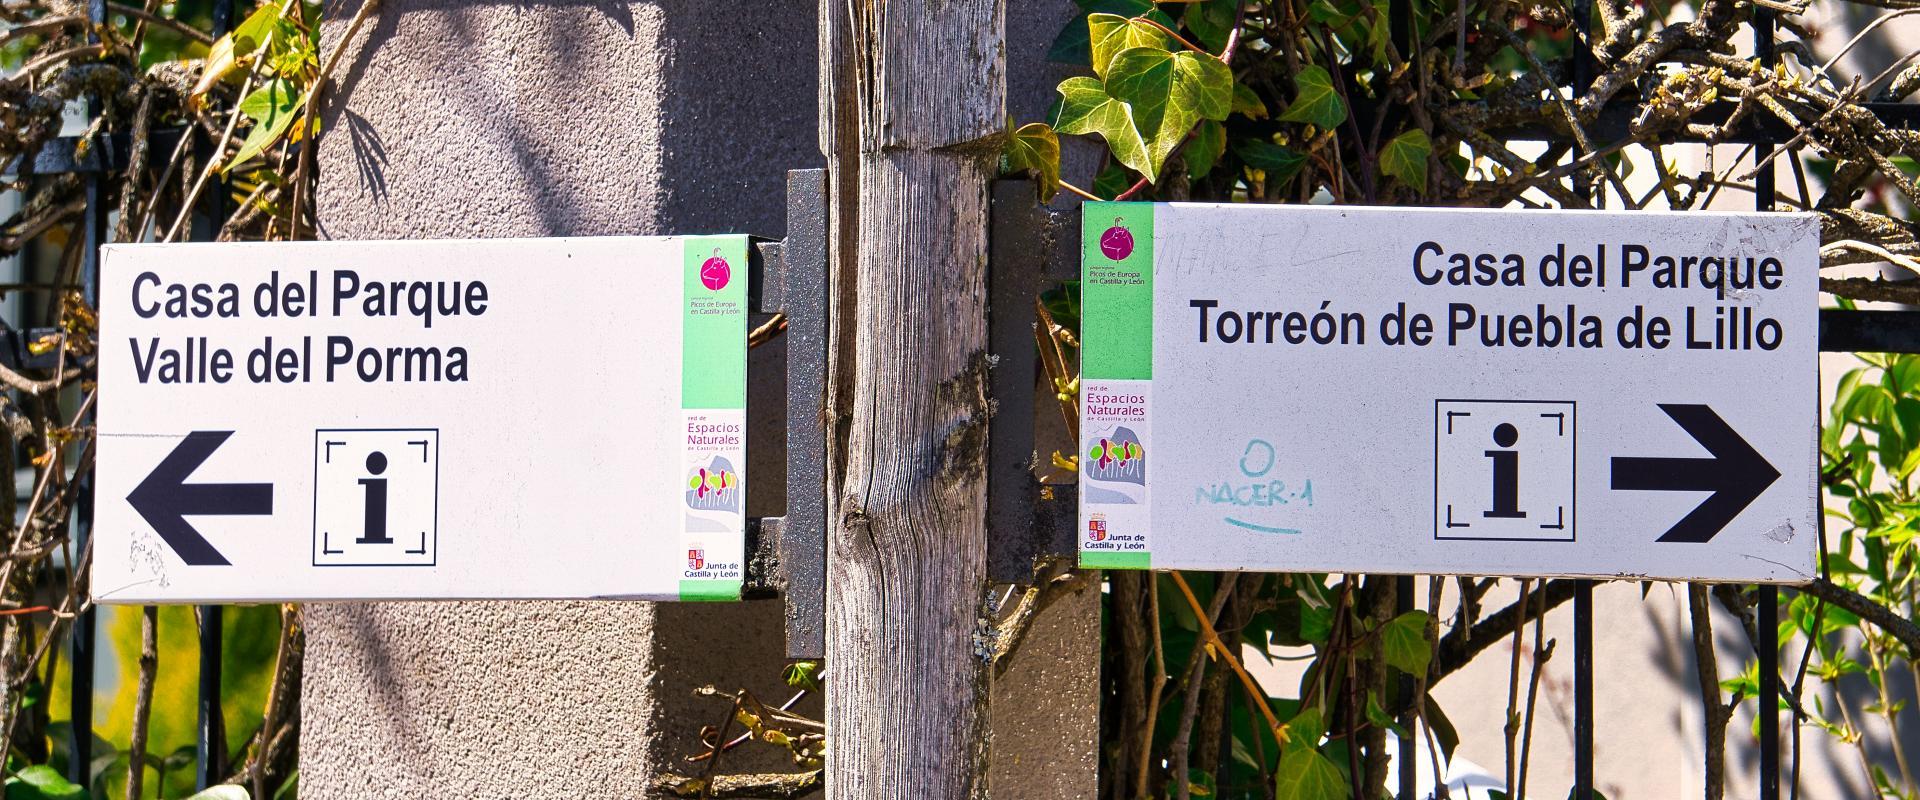 CASA DEL PARQUE PORMA Y TORREÓN PUEBLA LILLO (TURISMO MONTAÑA RIAÑO)